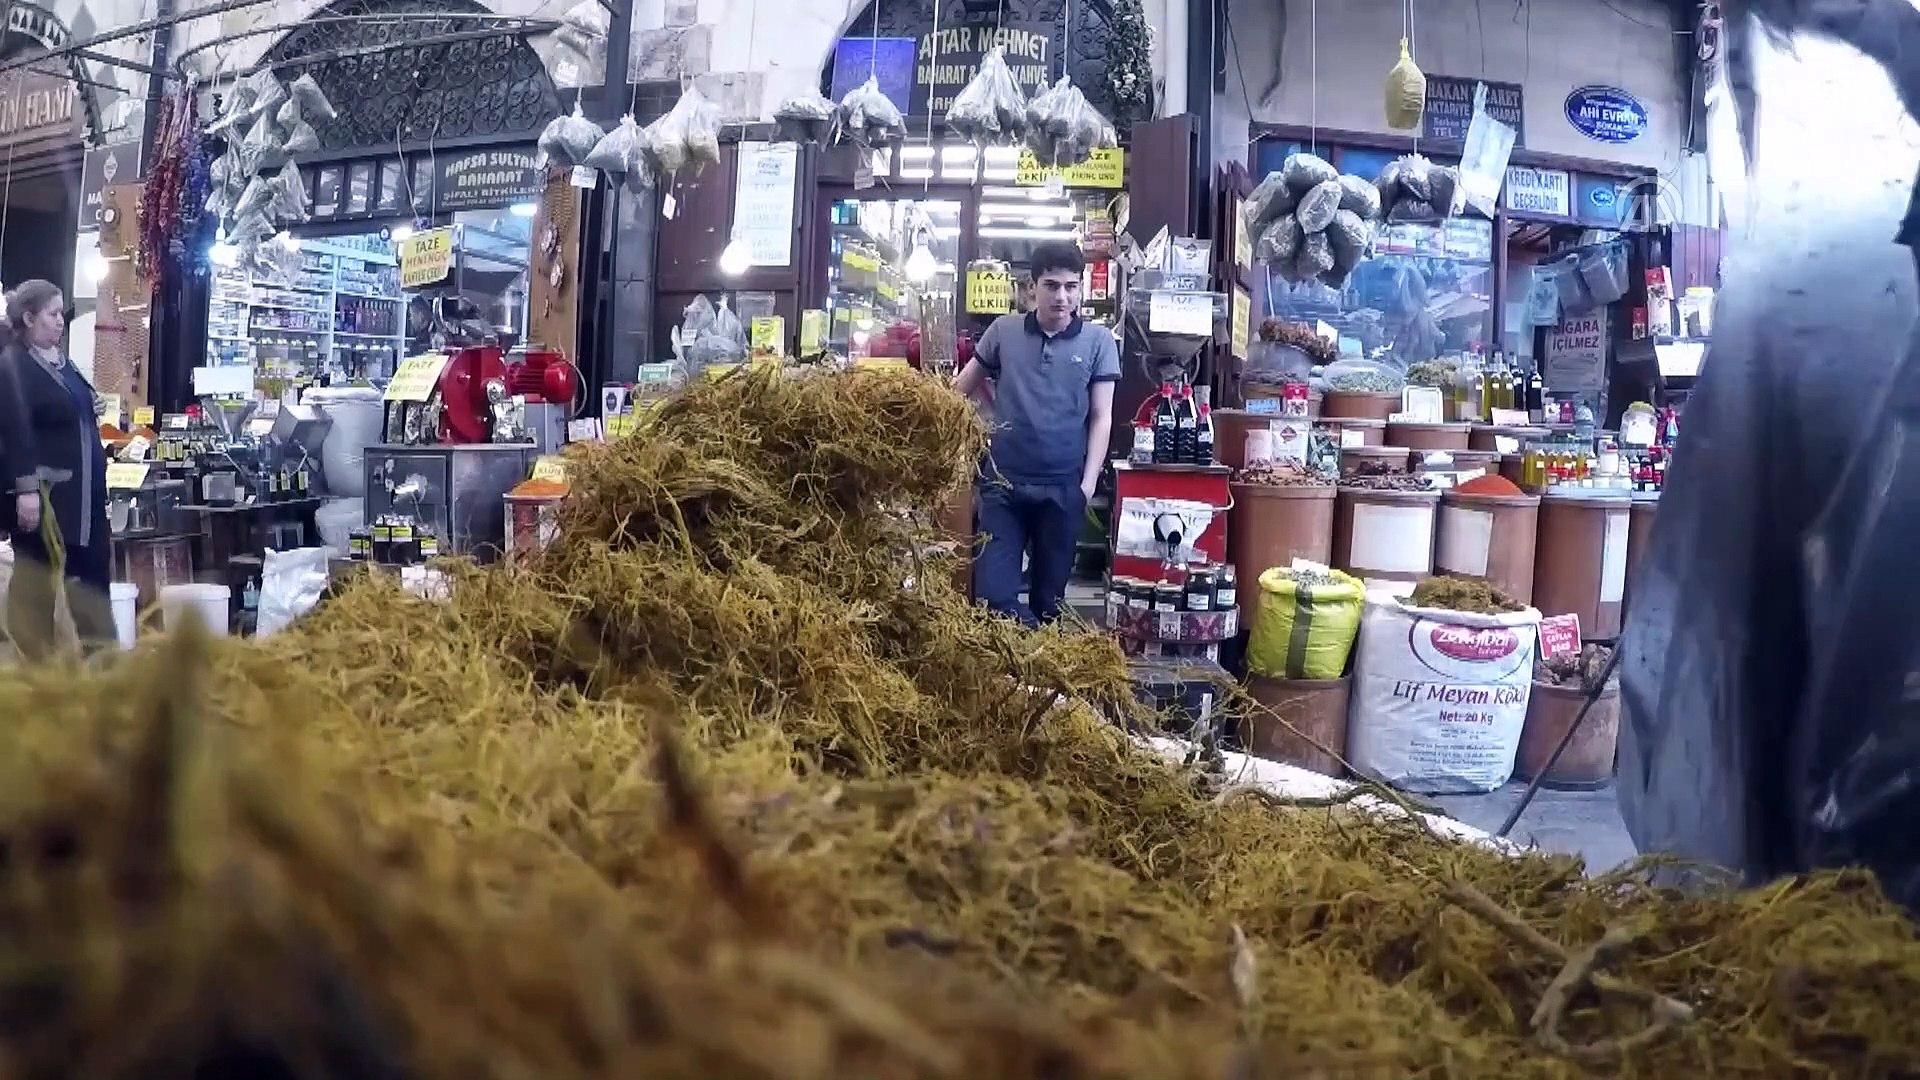 Güneydoğu'nun ramazan içeceği 'meyan şerbeti' - GAZİANTEP